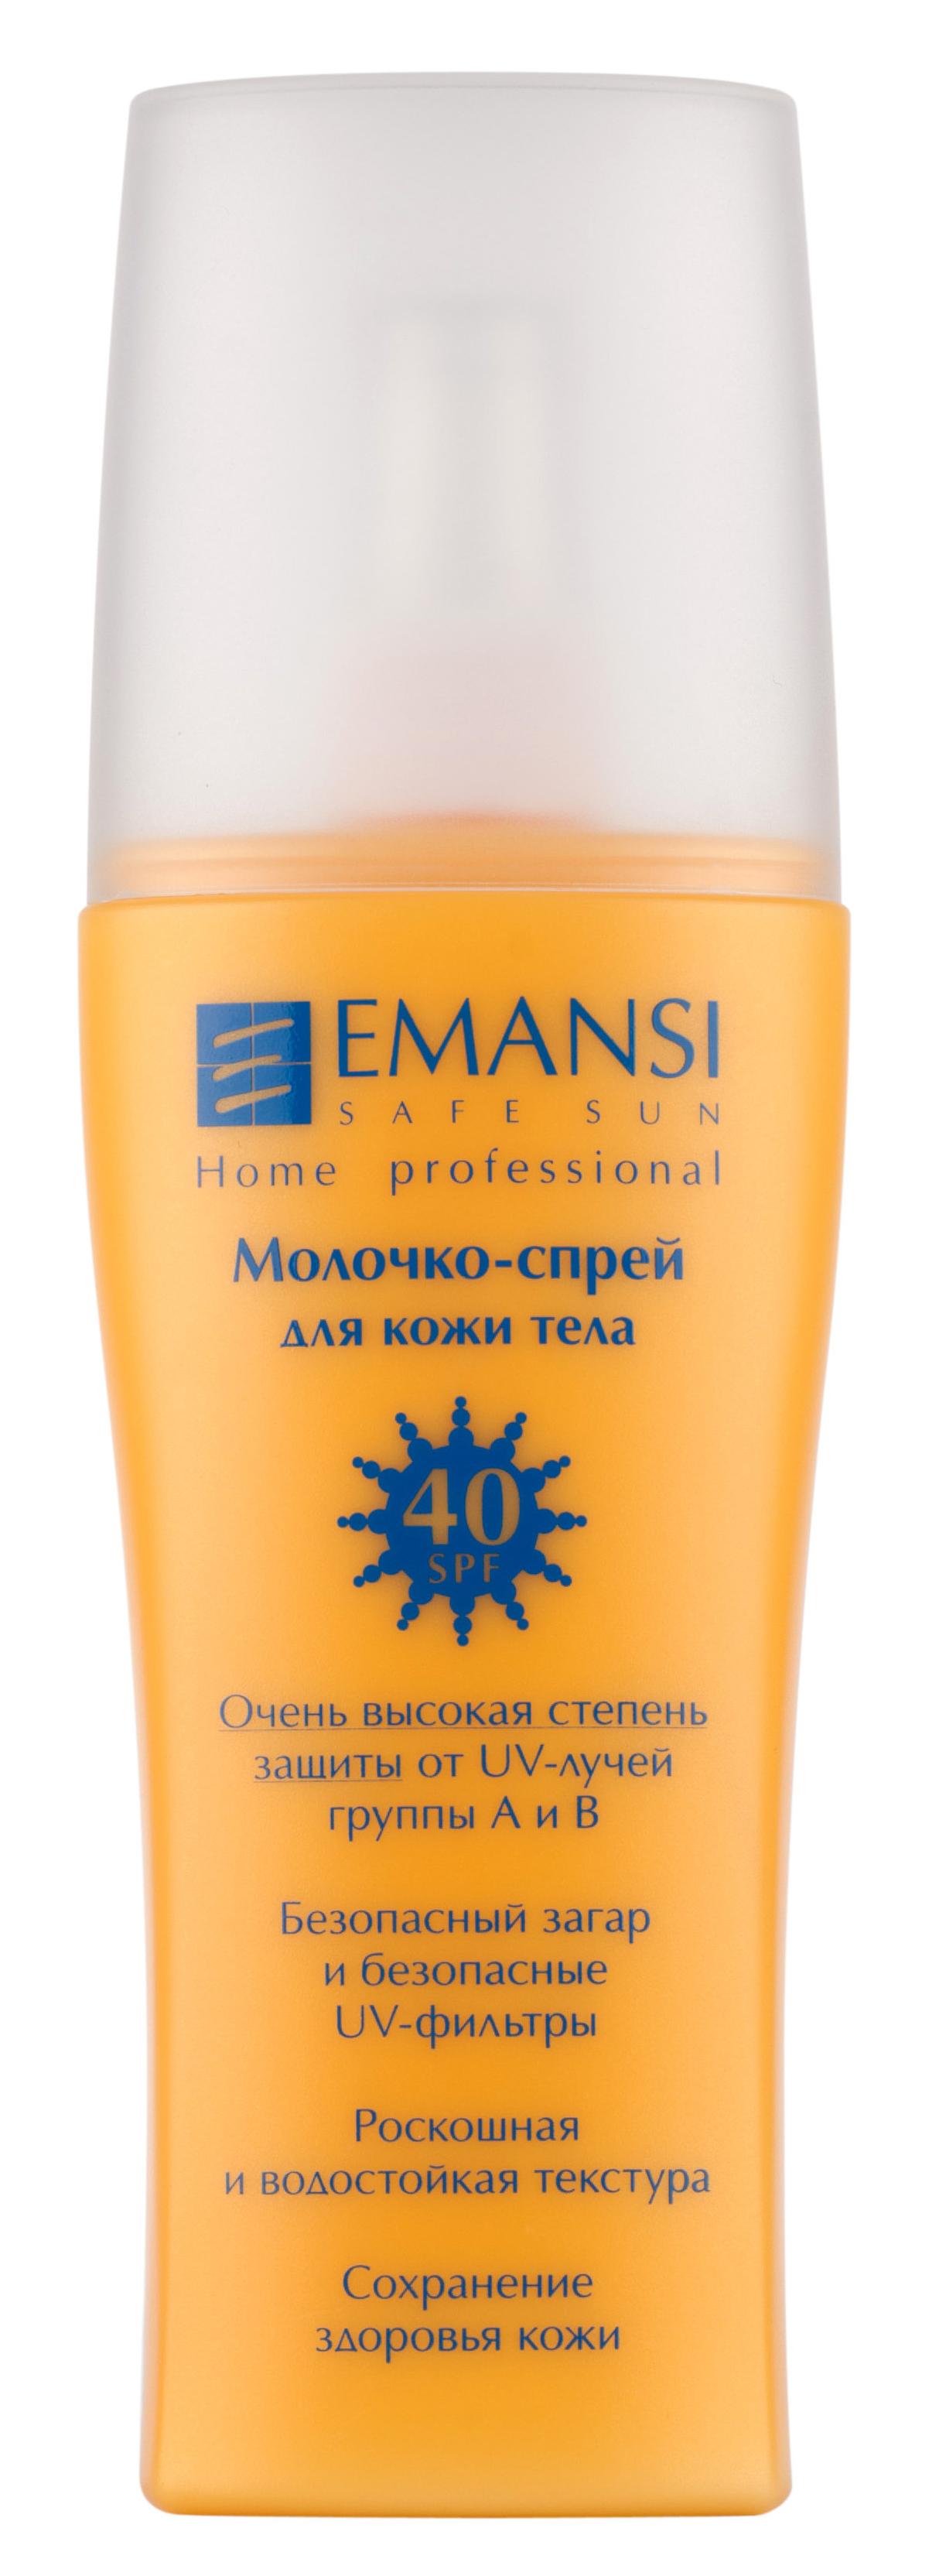 Emansi Молочко-спрей для кожи тела Safe sun SPF 40, 150 мл086-31386- Высокая степень защиты от UV-лучей группы А и В- Безопасный загар и безопасные UV-фильтры- Роскошная и водостойкая текстура - Сохранение здоровья кожи - Защищает от UV-лучей группы А и В благодаря включению безопасных UV-фильтров - Устойчиво к действию воды и пота - Подходит для любой, в том числе и чувствительной кожи